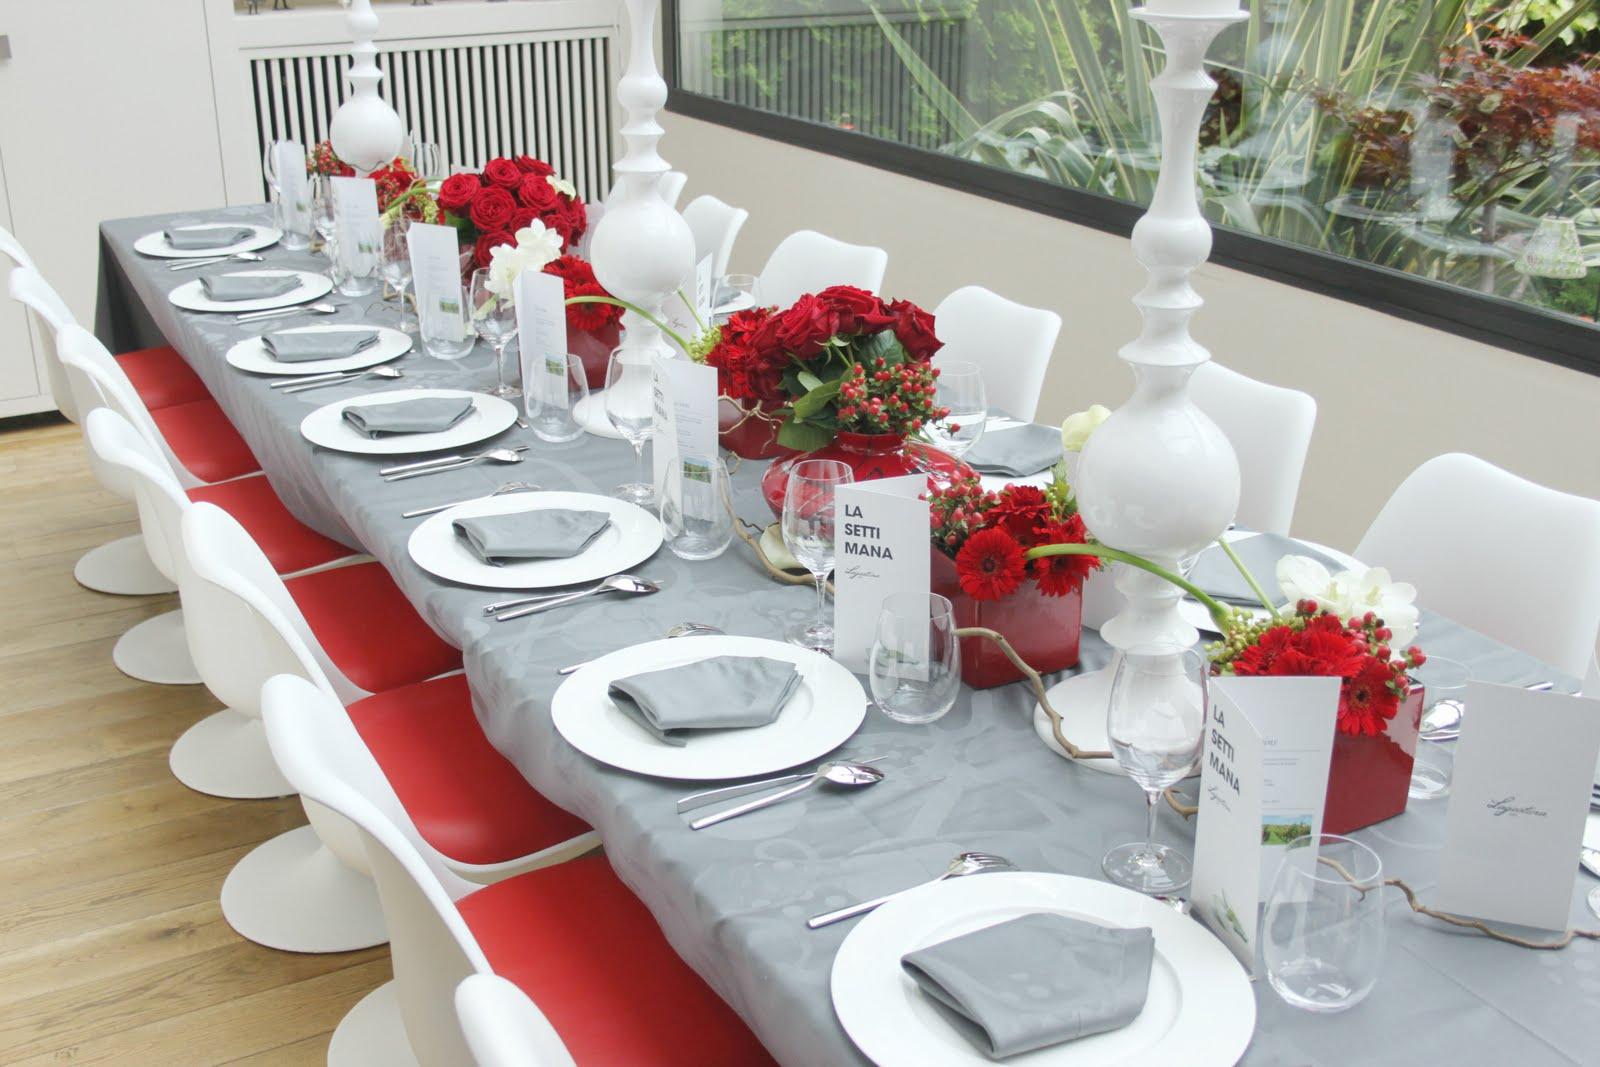 La cuisine de bernard diner organis par lagostina et la chef olympe versini - Mettre les couverts a table ...